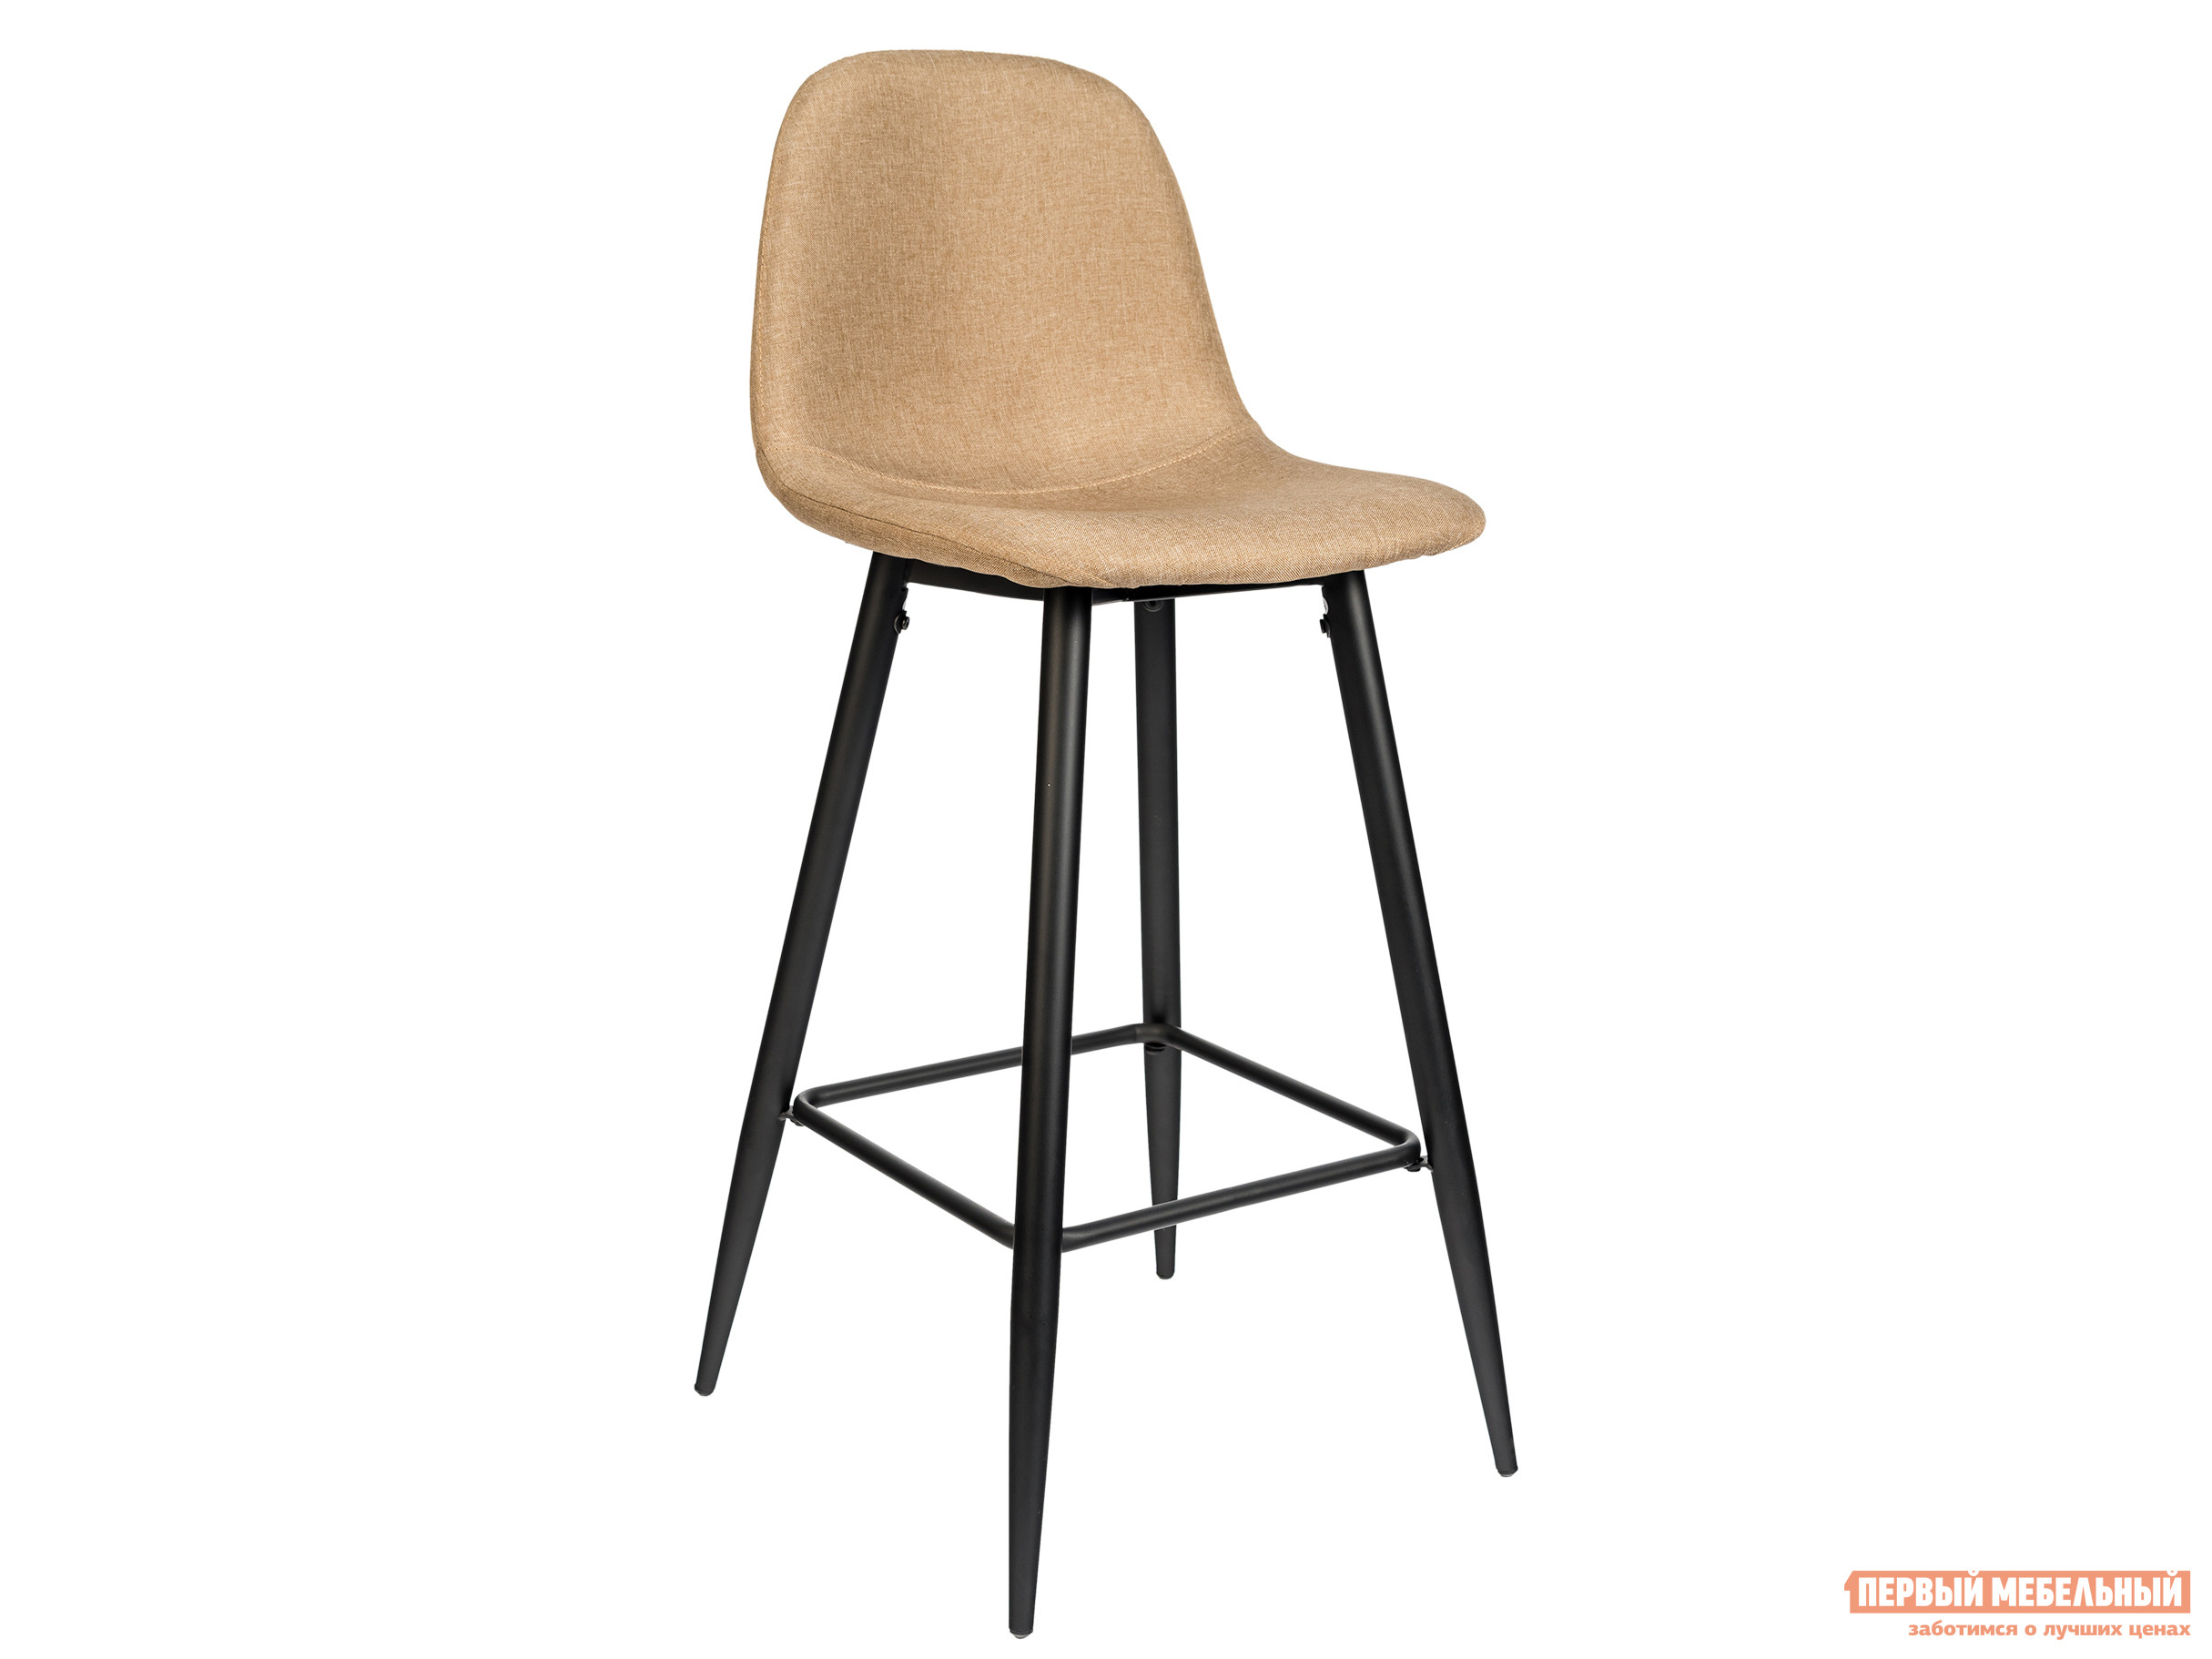 Барный стул STOOL GROUP Стул барный Валенсия Бежевый от Купистол